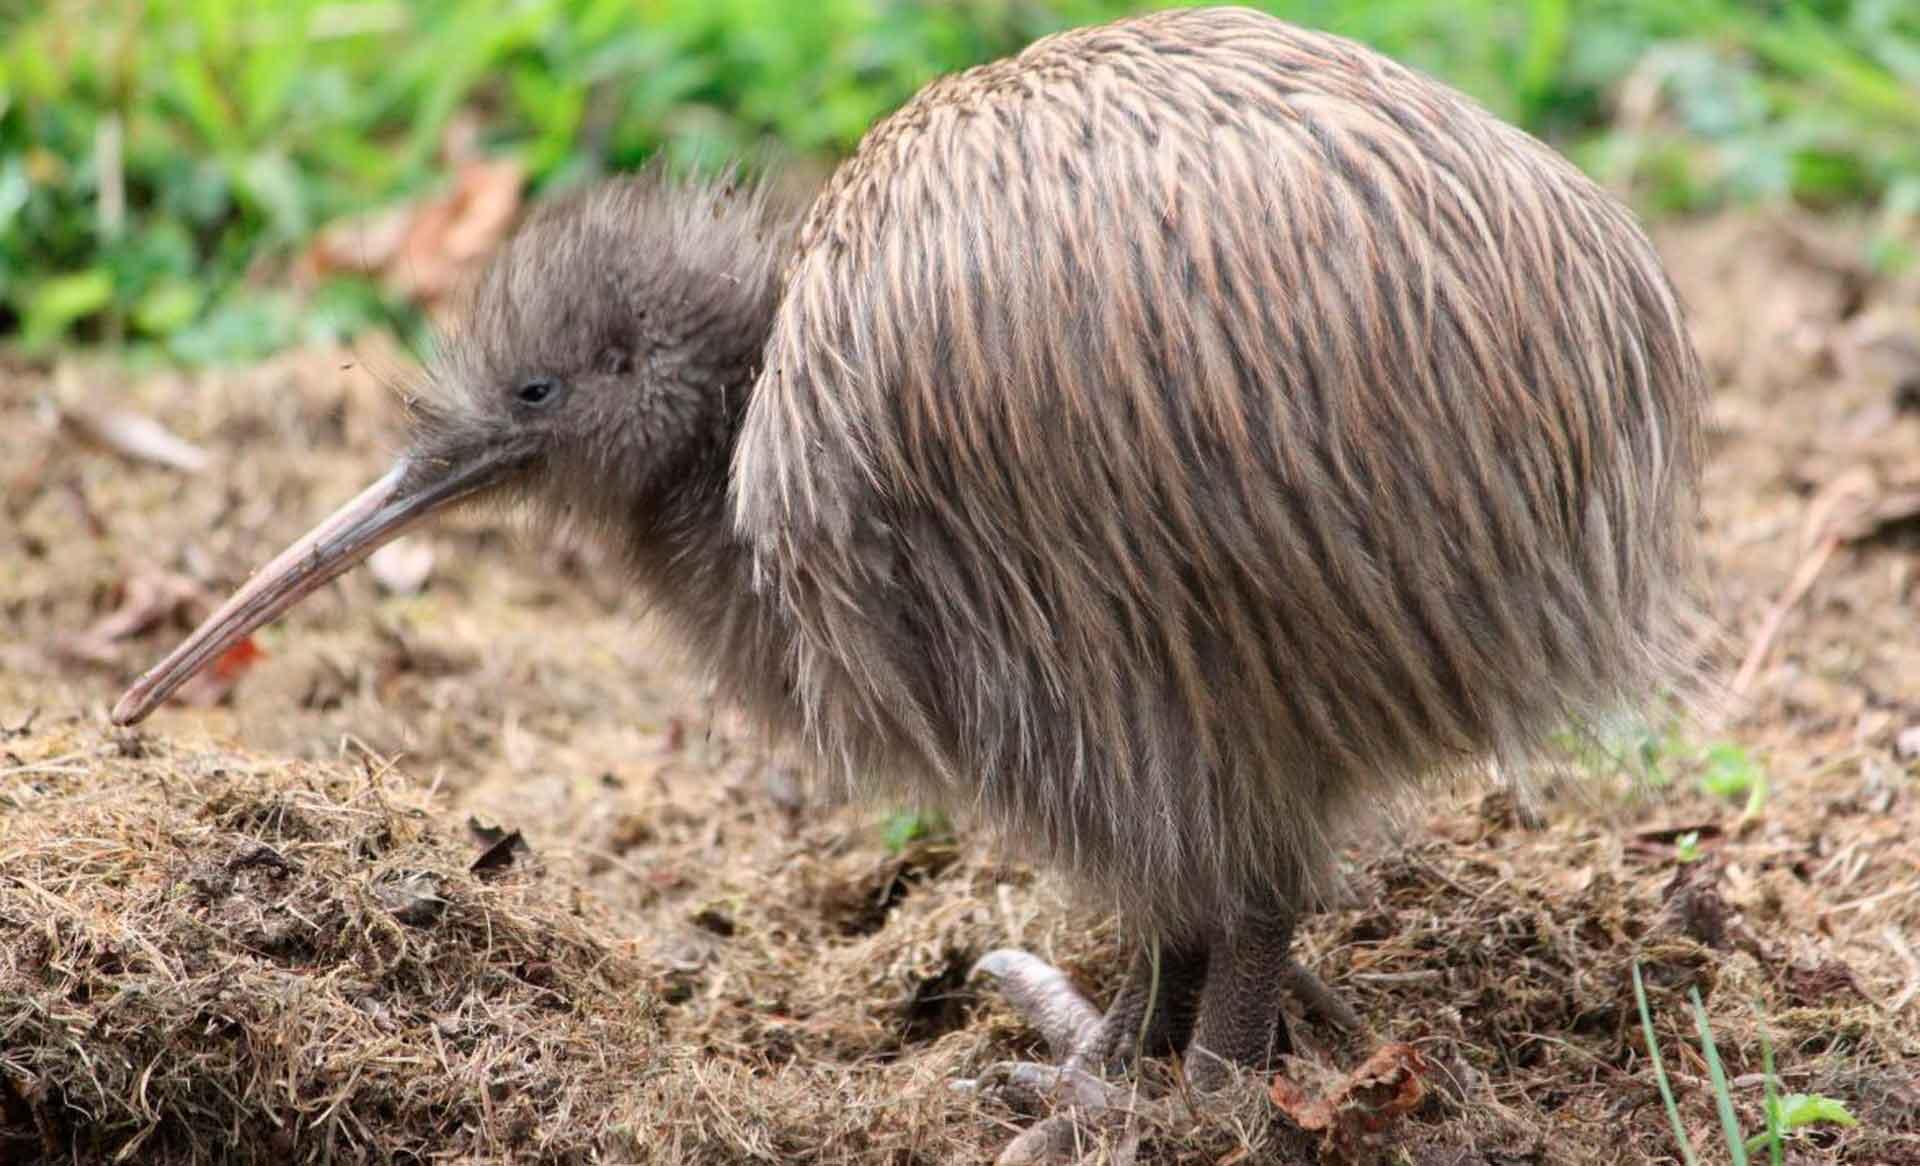 Киви: интересные факты о нелетающей птице